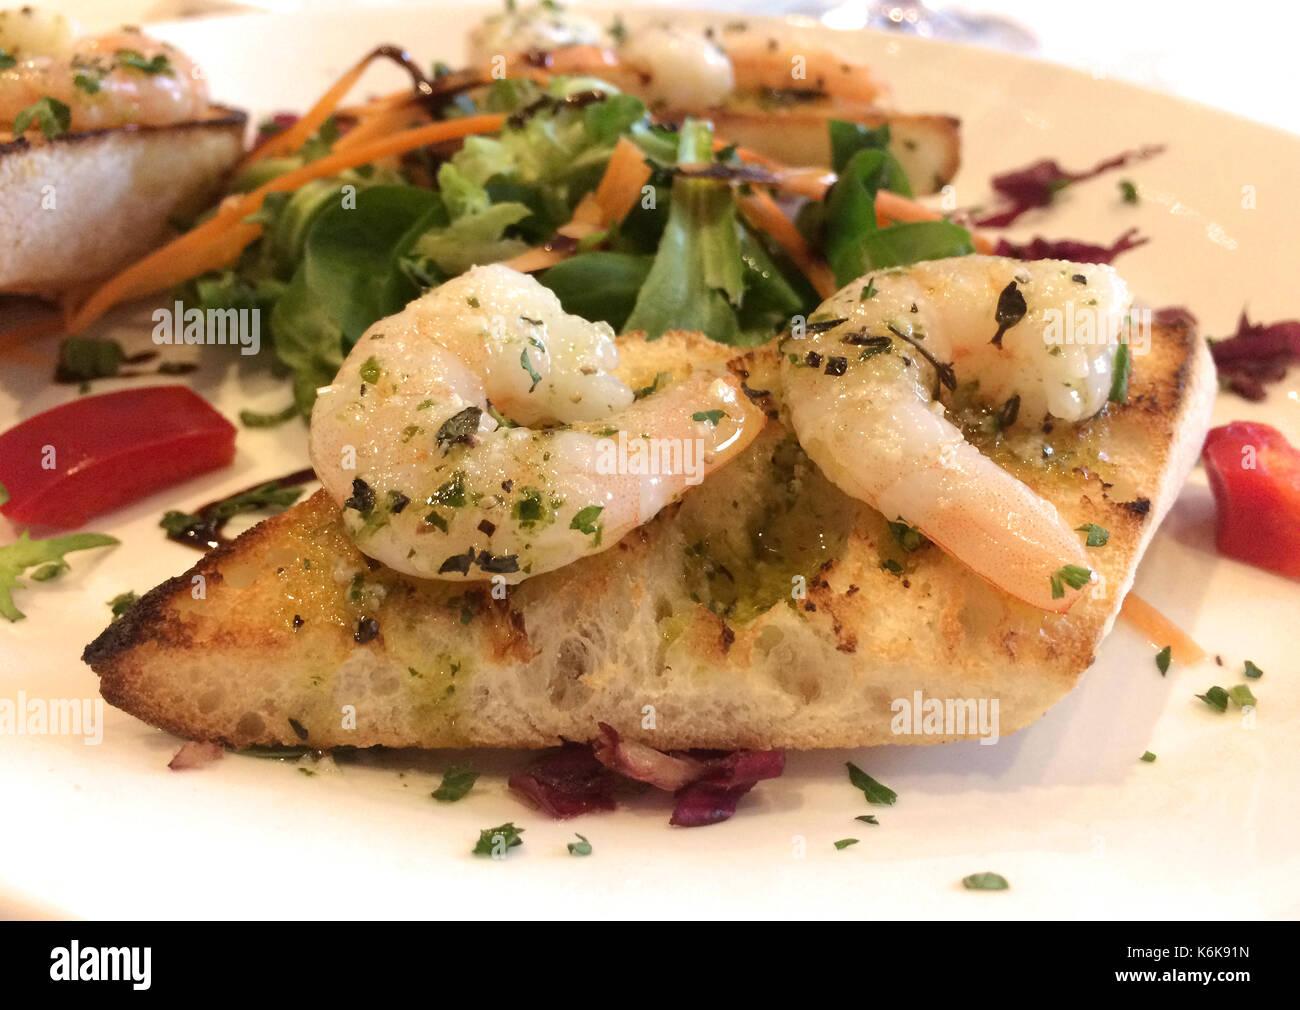 Italienische Vorspeise Bruschetta Con Gamberetti - Marinierte Riesengarnelen mit Knoblauch, Basilikum und Olivenöl auf geröstetem Brot Stockbild